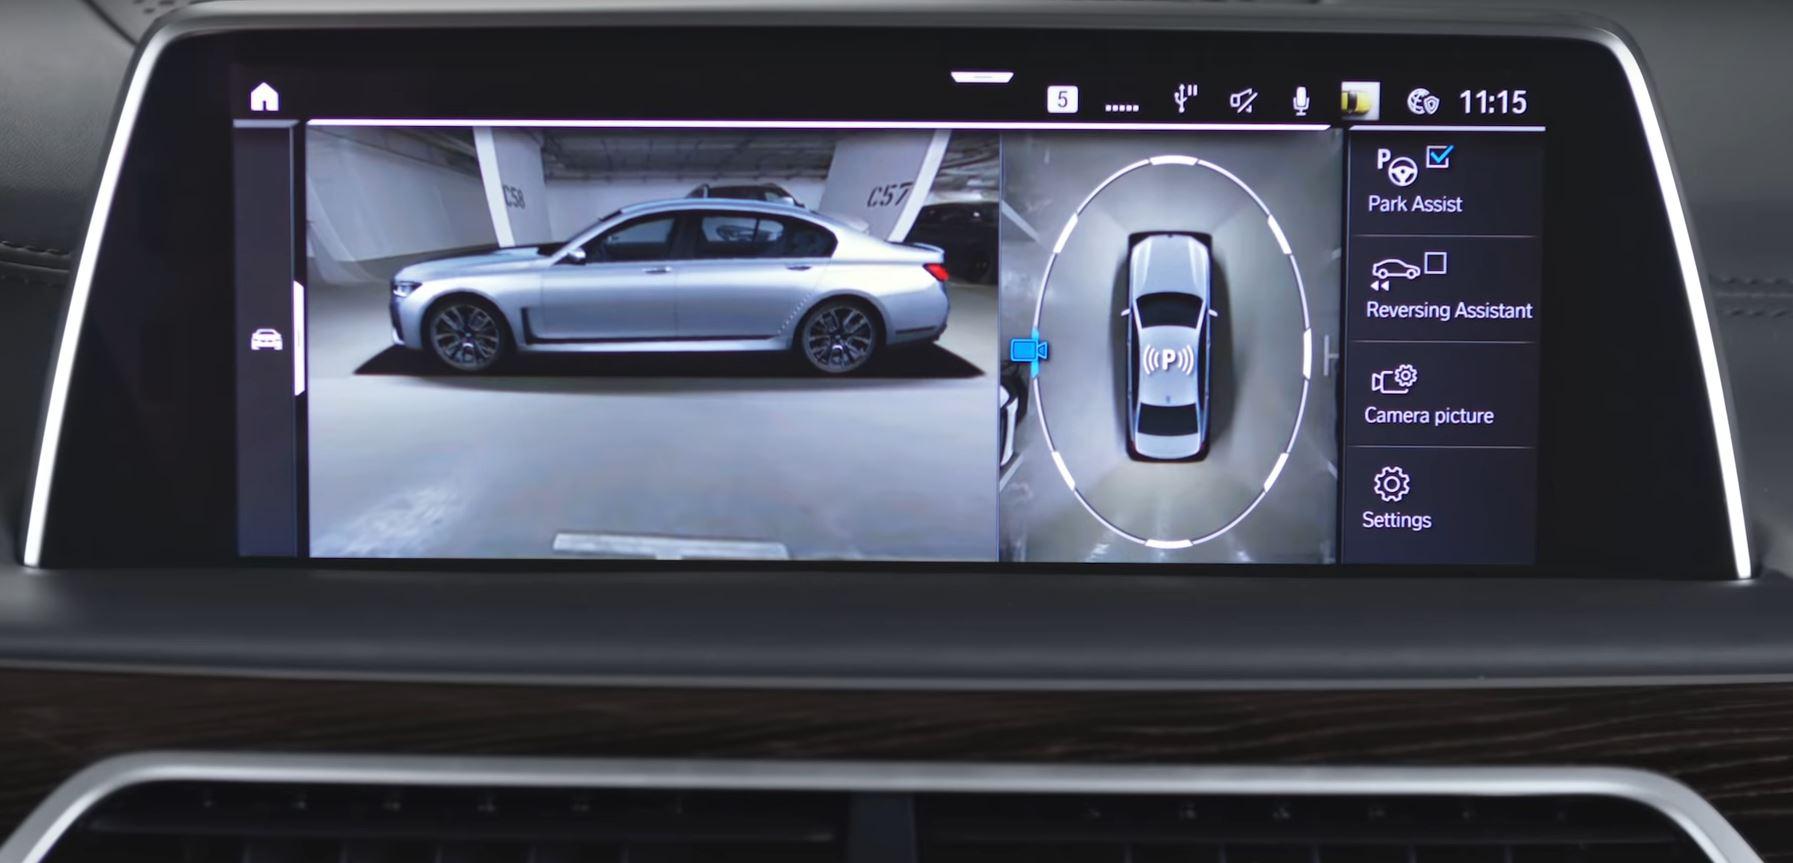 معرفی دوربین 360 درجه خودرو